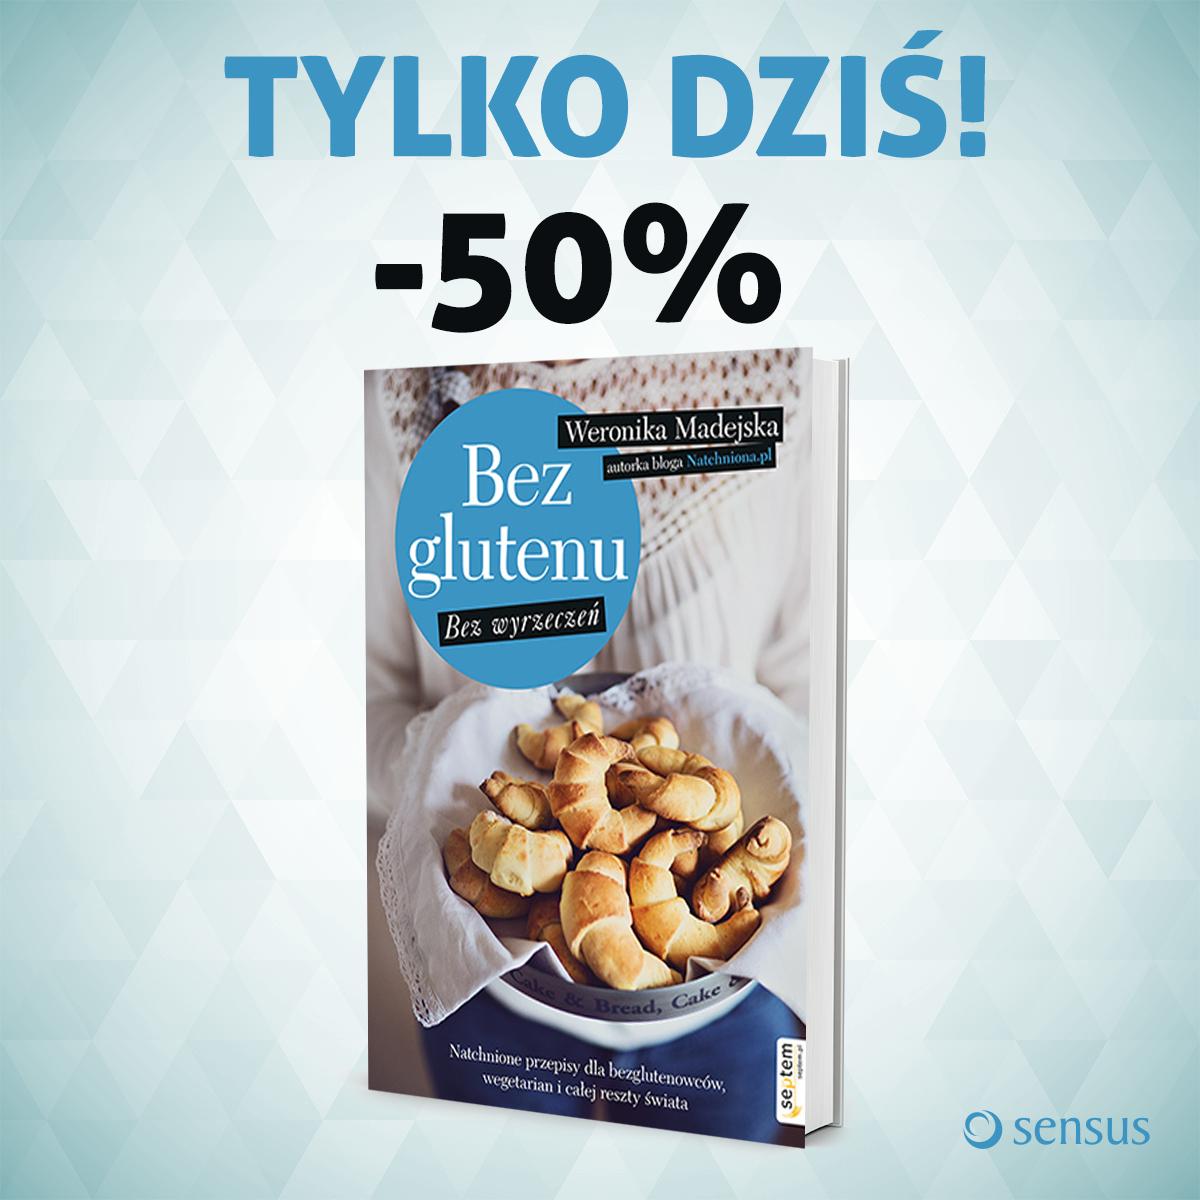 """Książka """"Bez glutenu bez wyrzeczeń"""" za 50% ceny tylko dziś @ Sensus"""